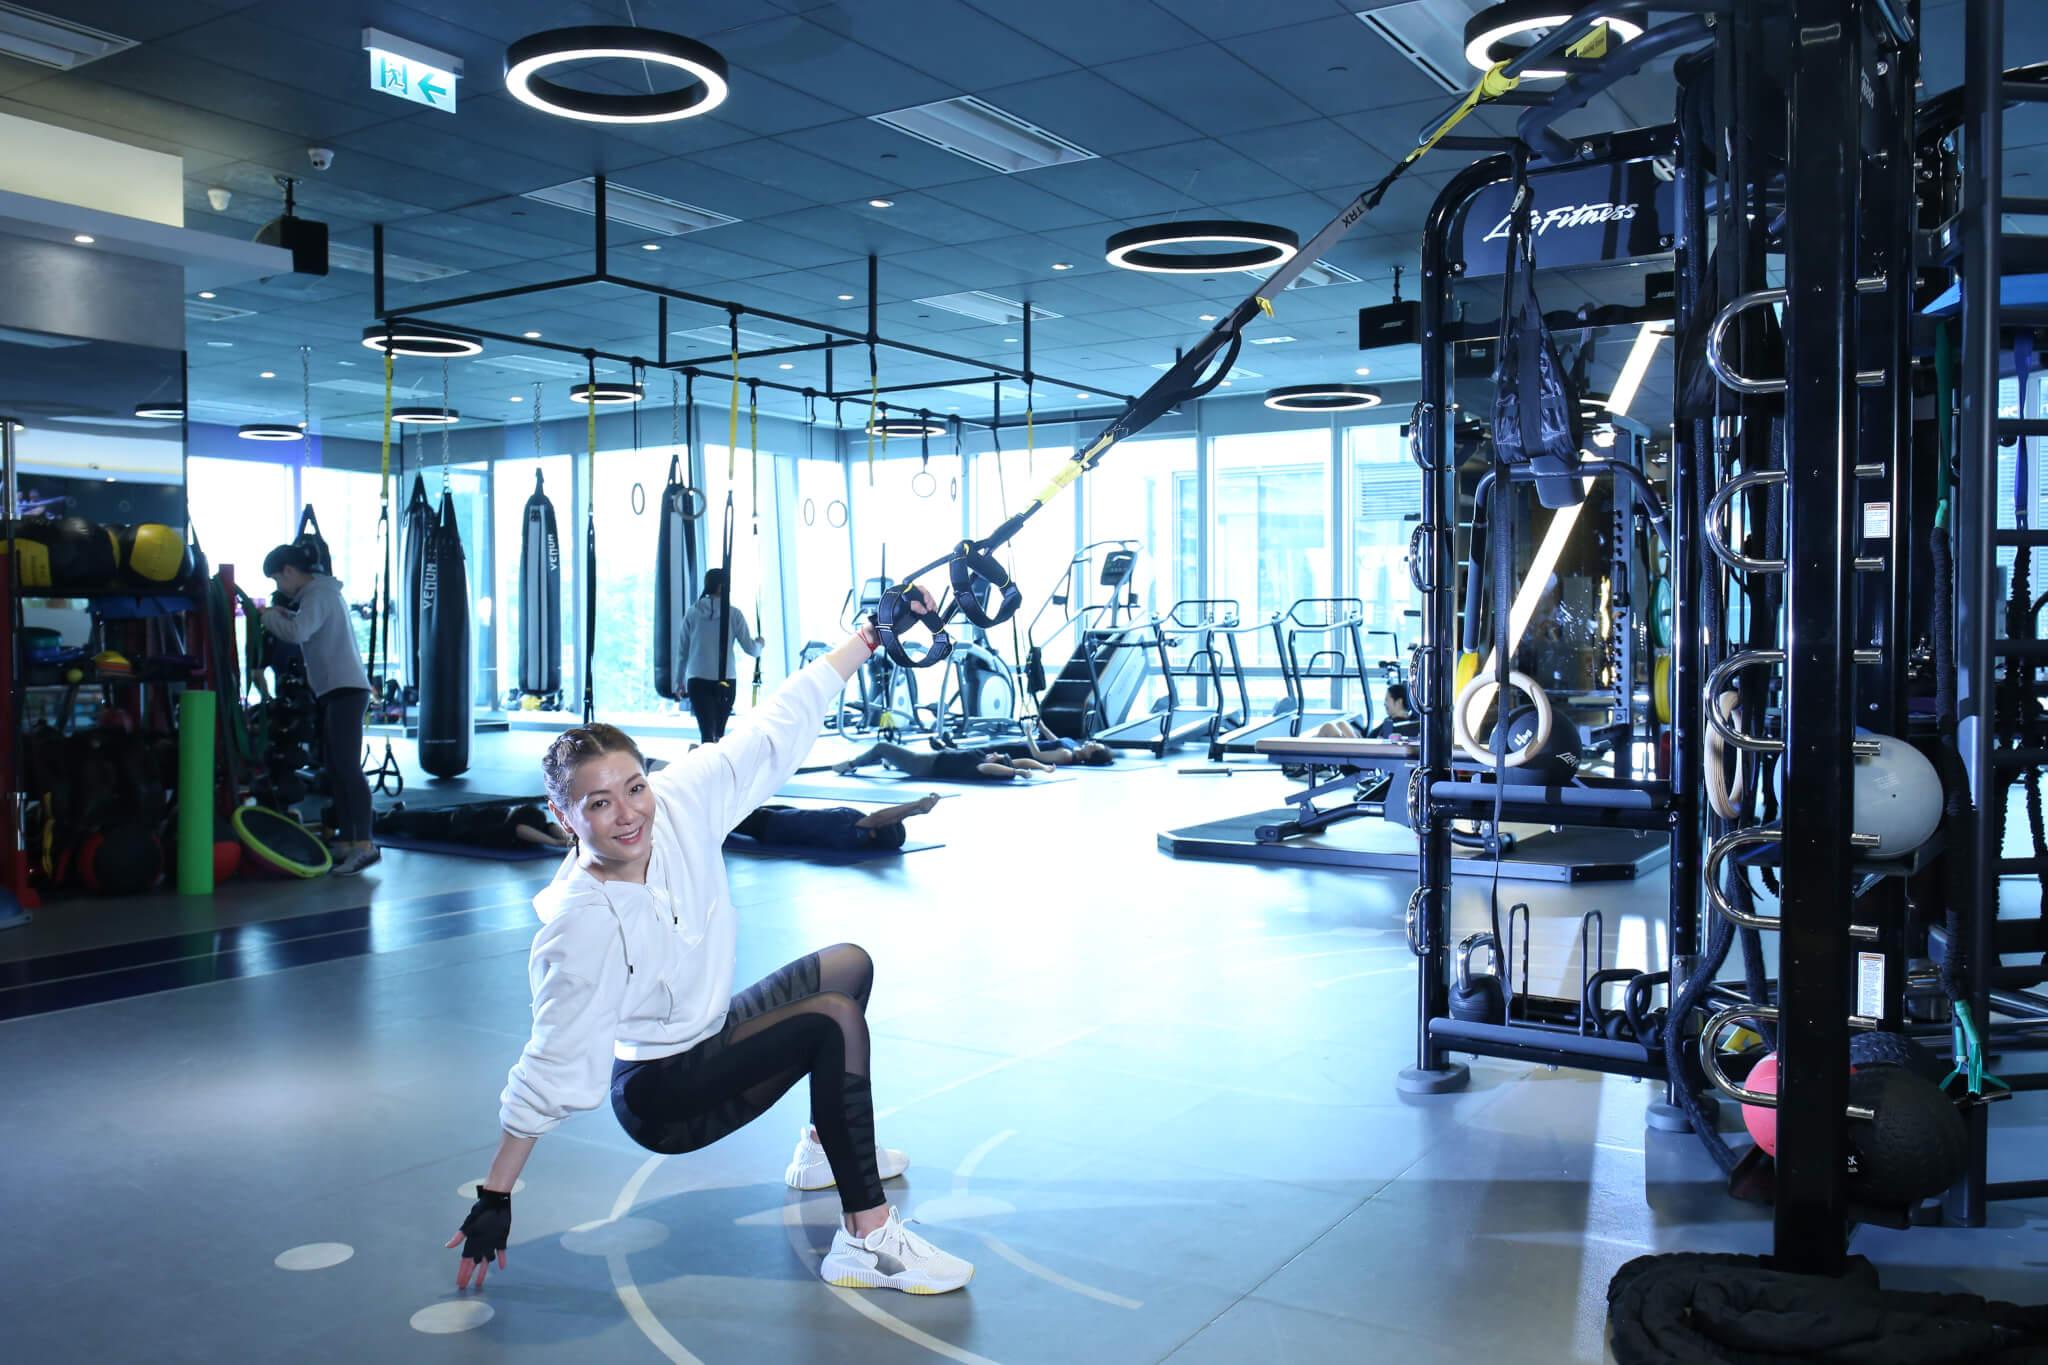 做TRX能強化核心肌,鍛鍊到全身肌肉,提升耐力和爆發力。